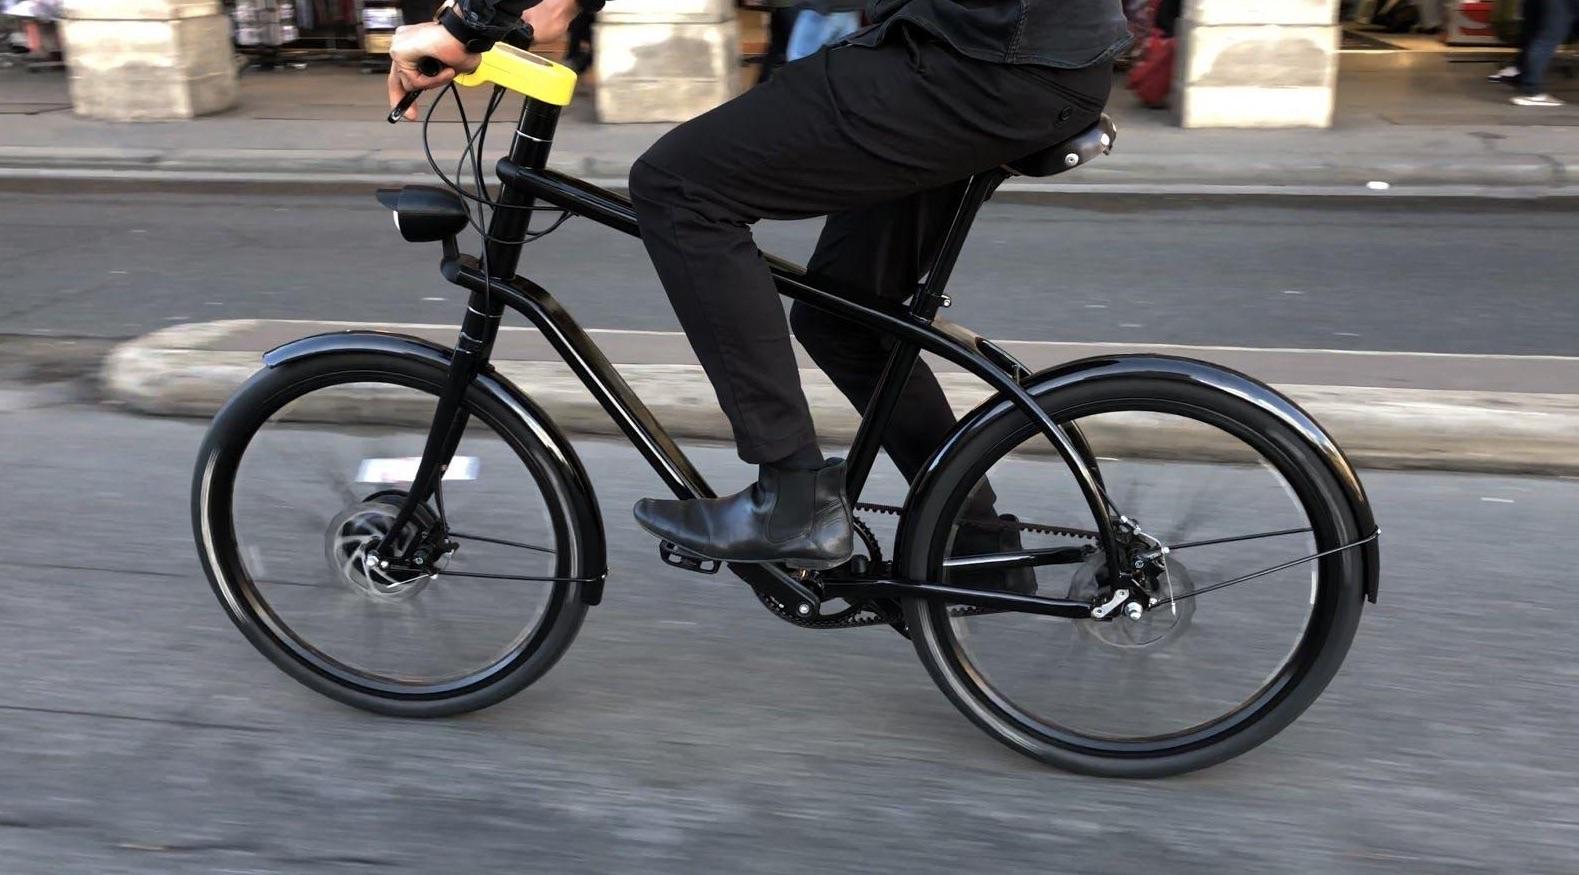 La Poste se met au vélo électrique (mais ce n'est pas pour les facteurs)